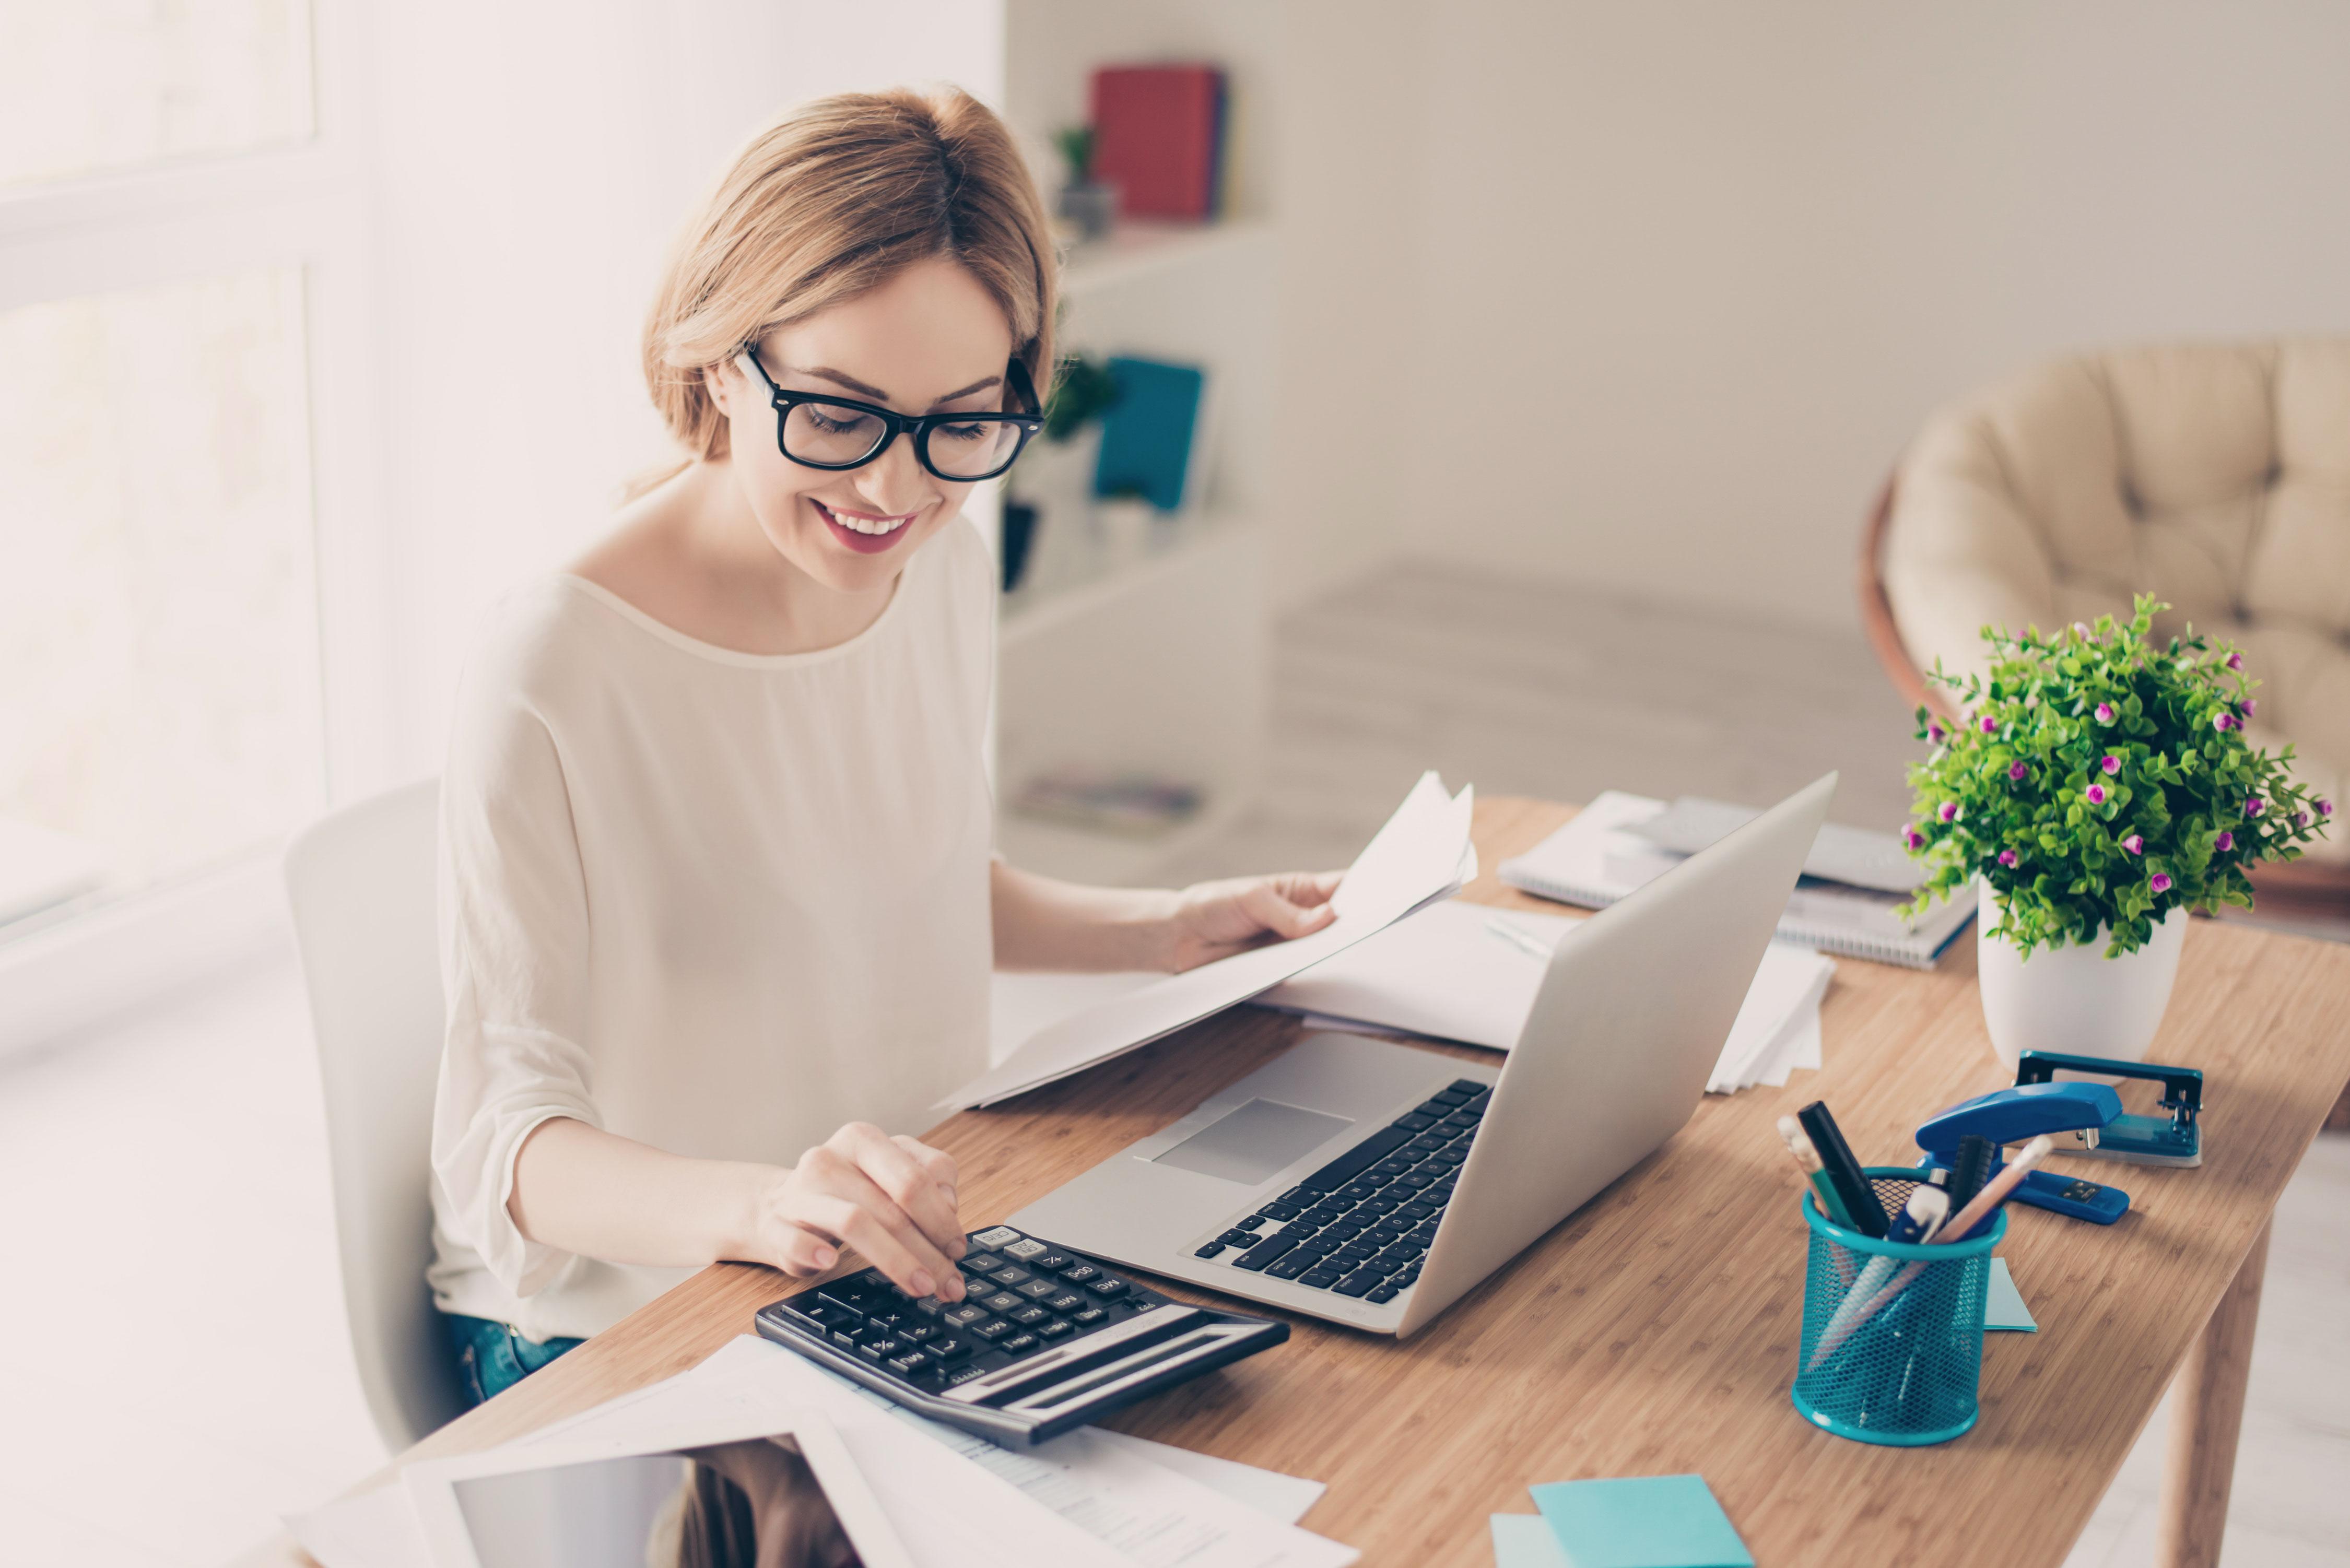 Lächelnde Junge Frau mit Taschenrechner, Dokumenten und Laptop am Schreibtisch